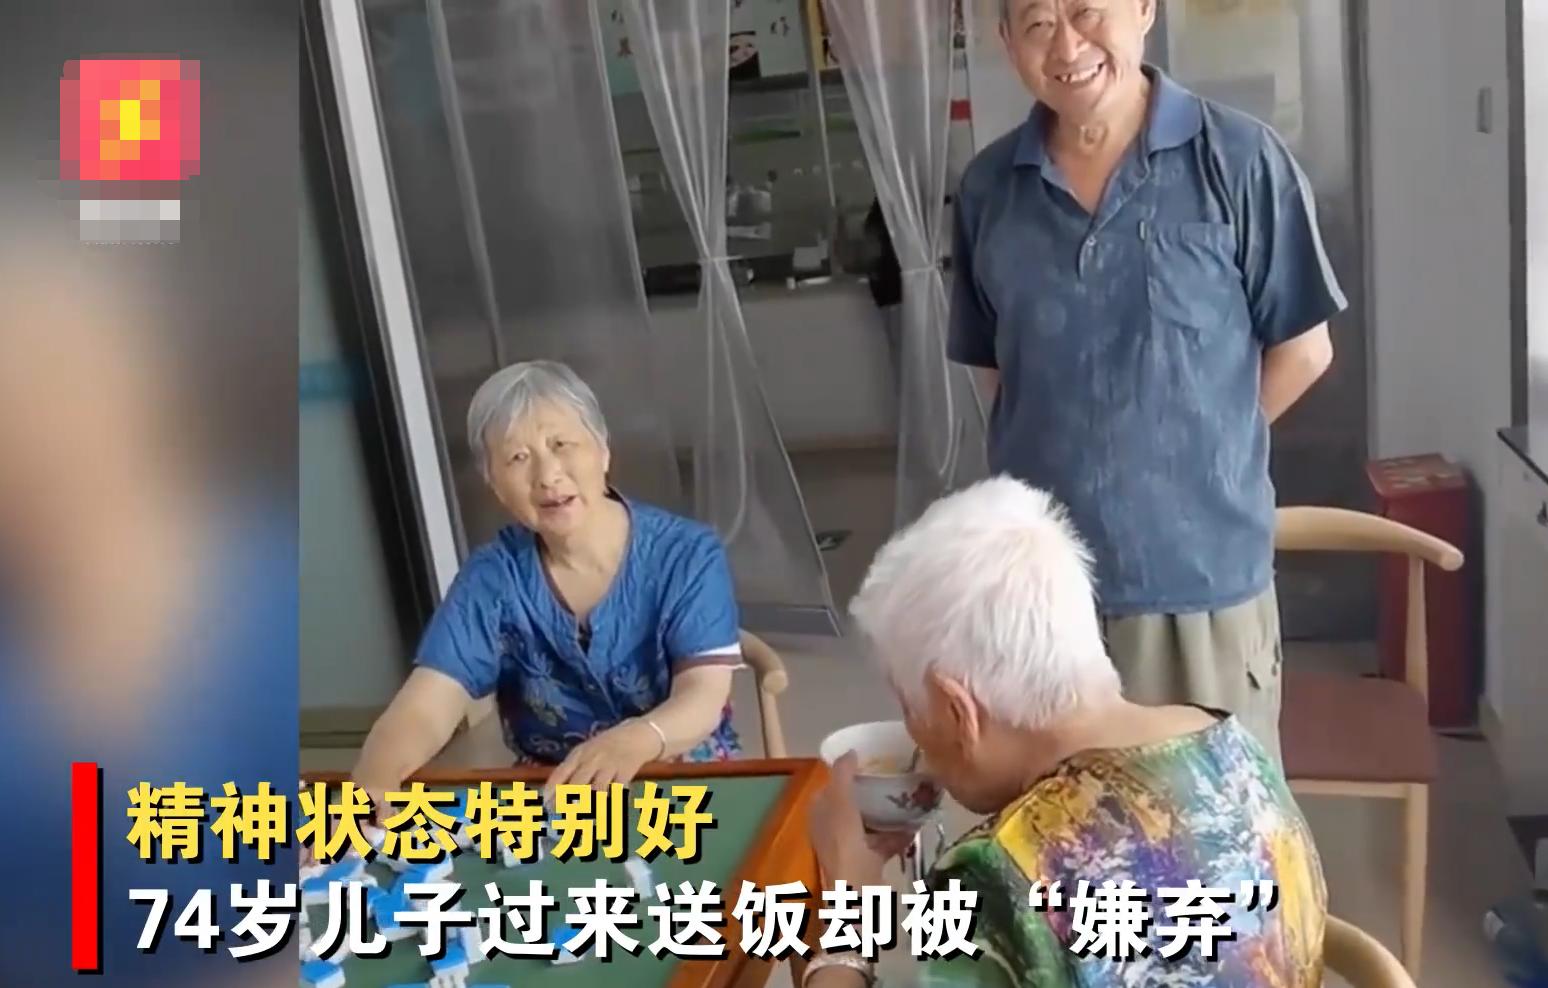 """94岁妈妈打麻将,7旬儿子来送饭被""""骂""""事多,满眼爱意令人羡慕"""